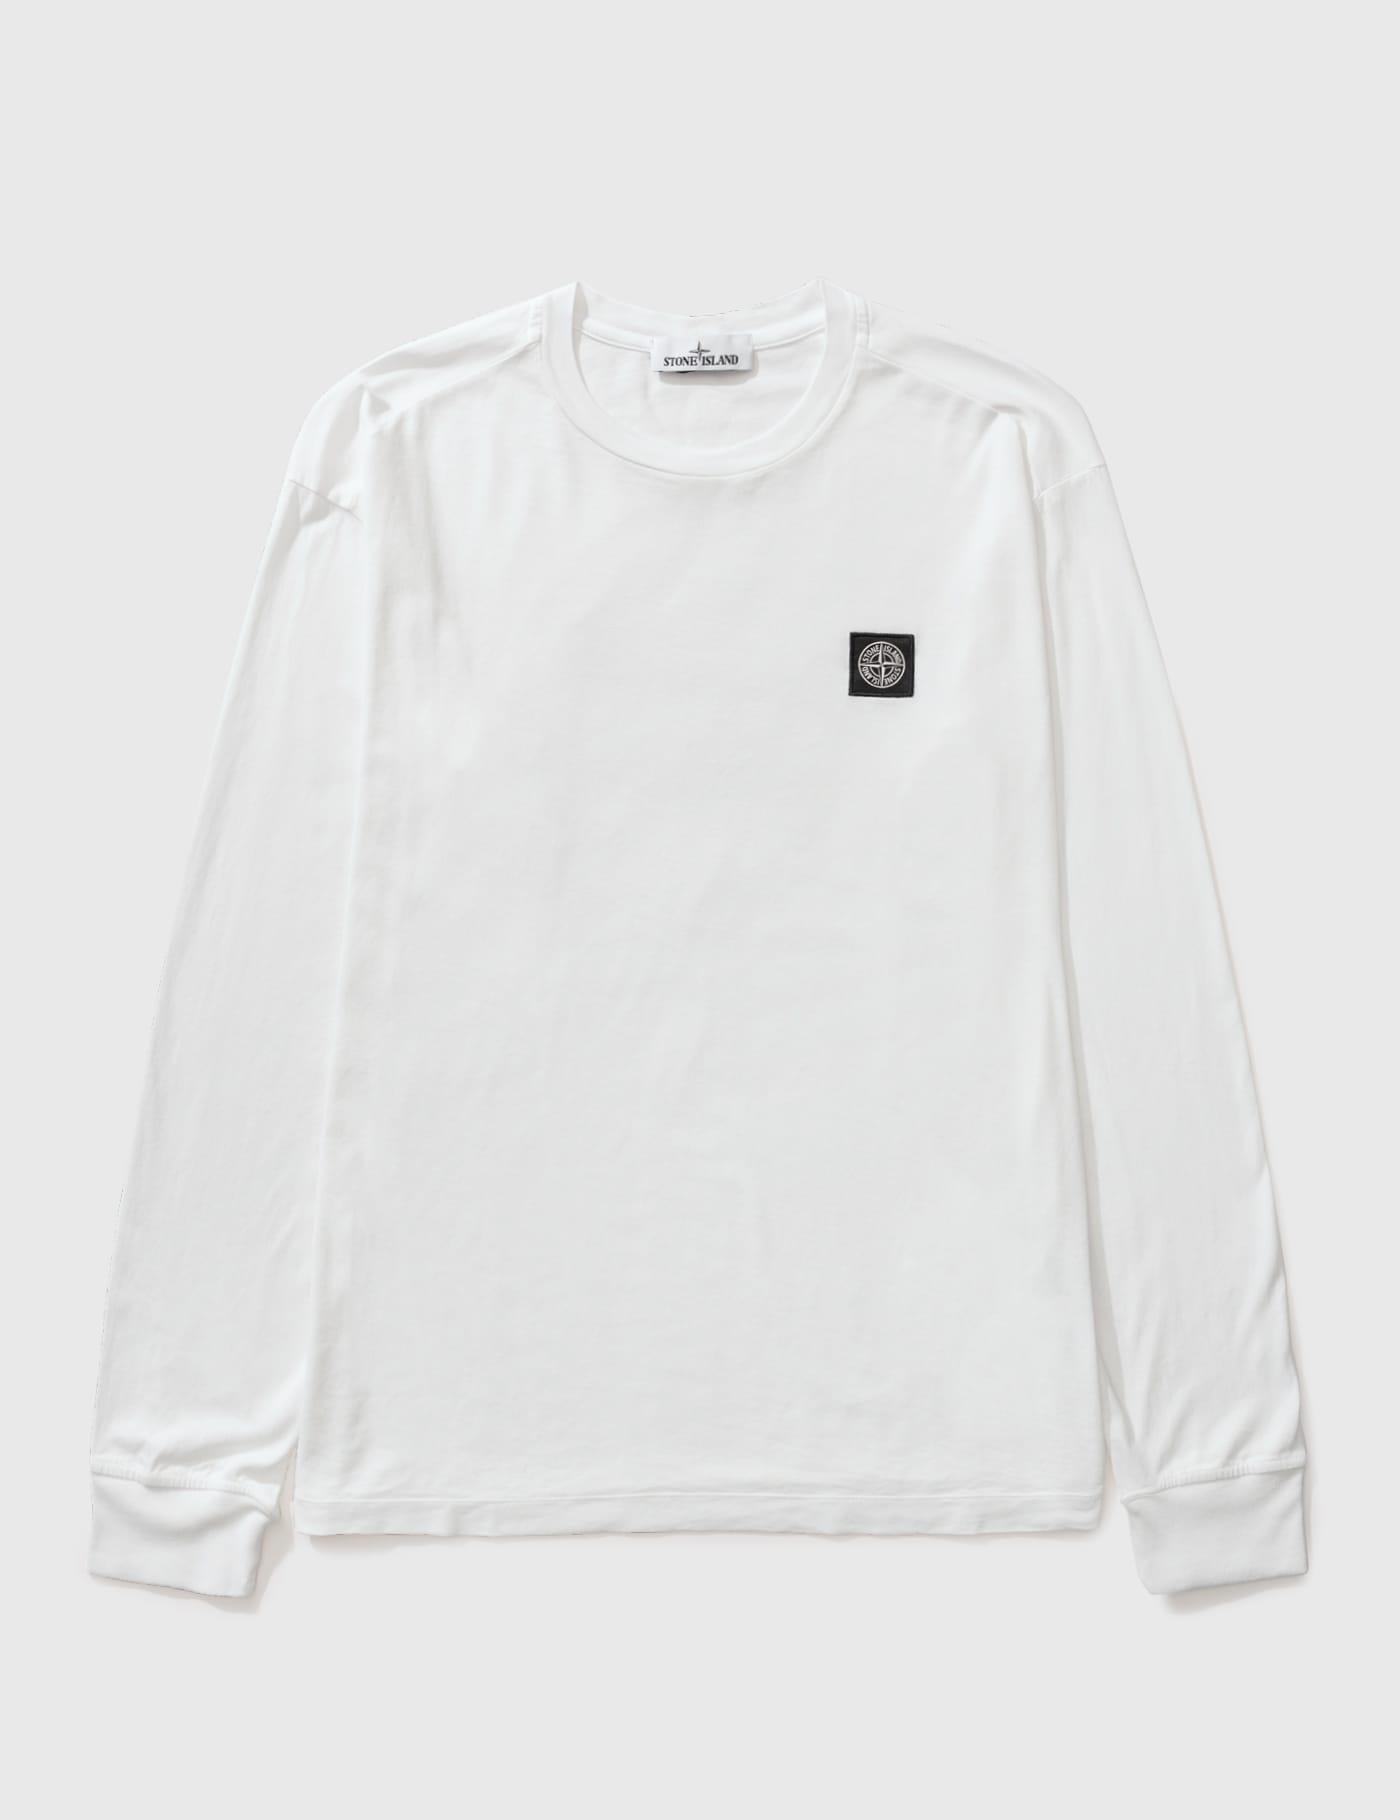 스톤 아일랜드 클래식 쭉티, 컴퍼스 로고 패치 - 화이트 Stone Island Classic Long Sleeve T-shirt